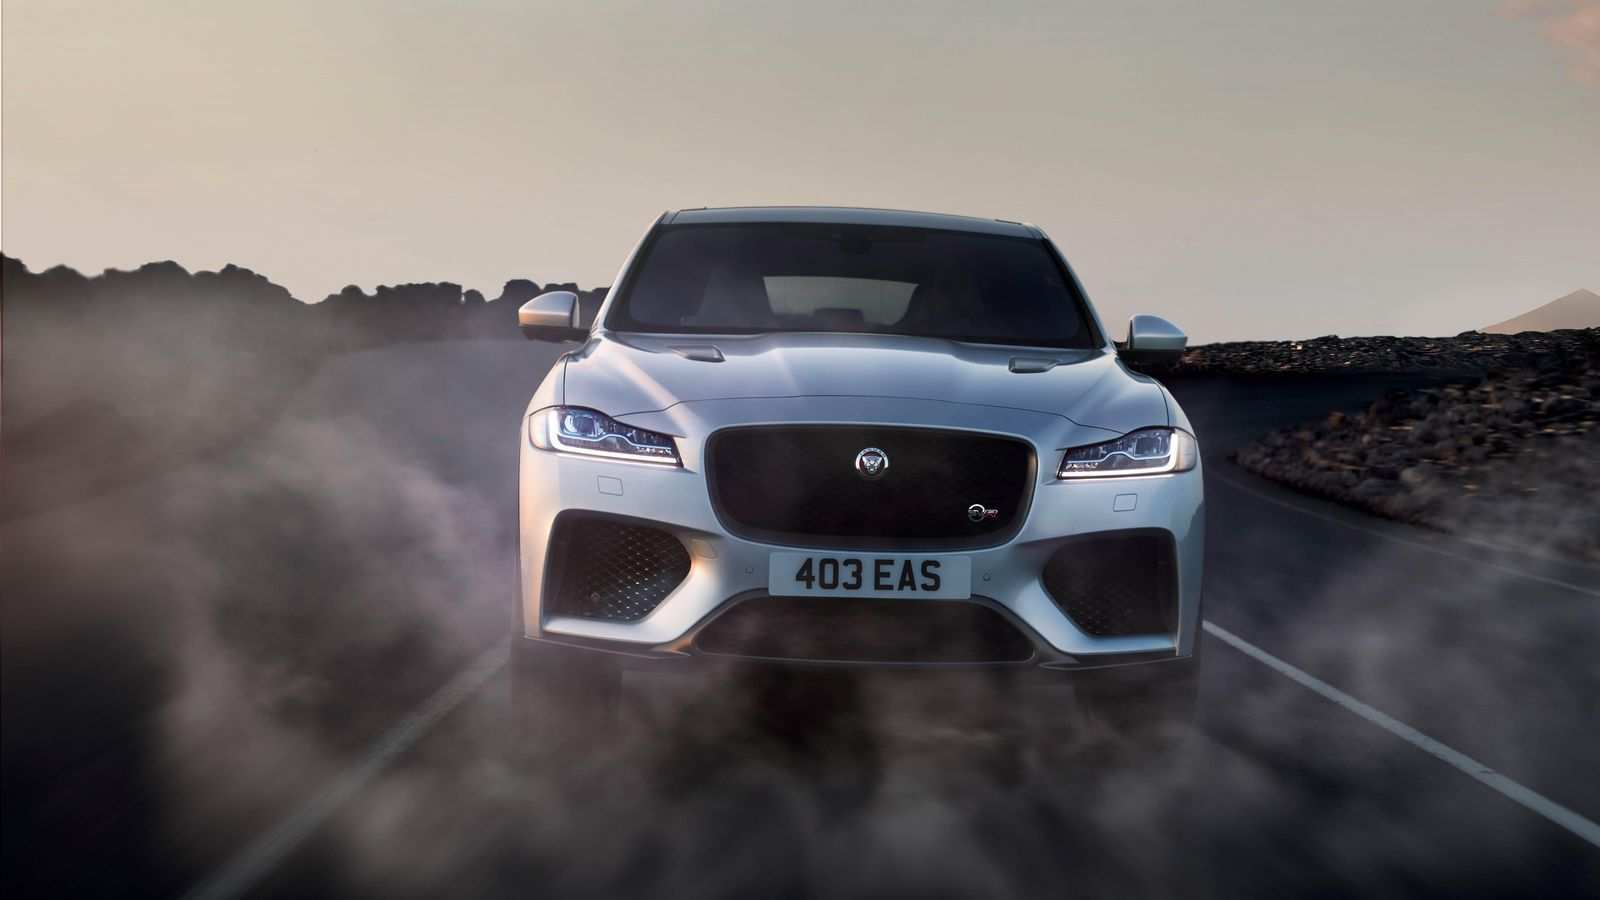 71 Concept of Best Jaguar 2019 F Pace Review New Review Exterior with Best Jaguar 2019 F Pace Review New Review